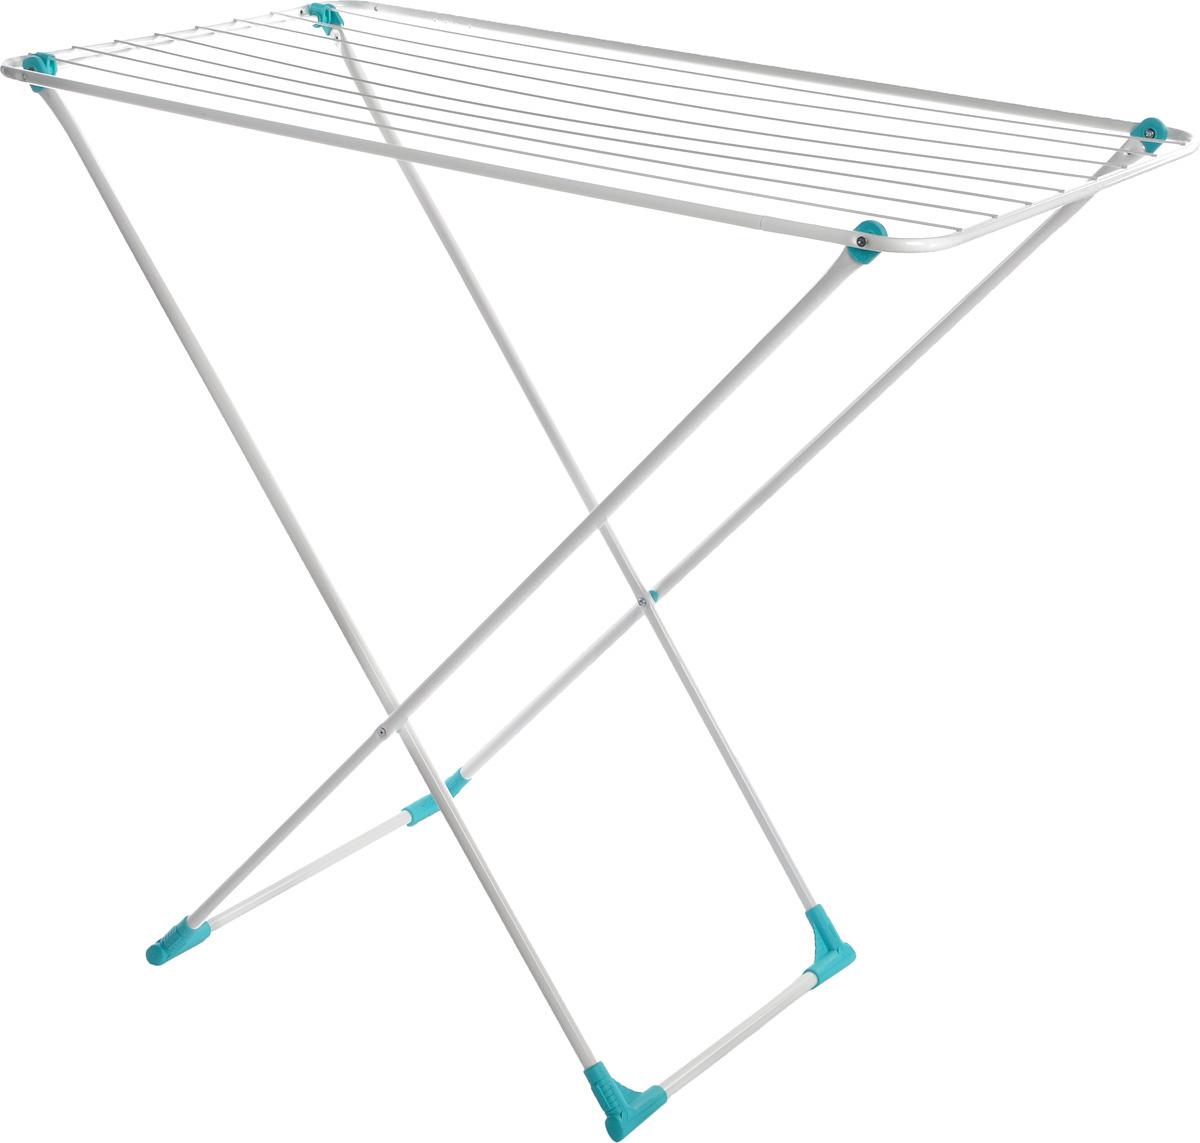 Сушилка для белья Nika, напольная, цвет: белый, 105 х 54 х 95 смСБ3бНапольная сушилка для белья Nika проста и удобна в использовании, компактно складывается, экономя место в вашей квартире. Сушилку можно использовать на балконе или дома. Сушилка имеет специальные пластиковые крепления в основе стоек, которые не царапают пол. Размер сушилки в разложенном виде: 105 x 54 x 95 см. Размер сушилки в сложенном виде: 15 х 54 х 2,5 см. Длина сушильного полотна: 10 м.